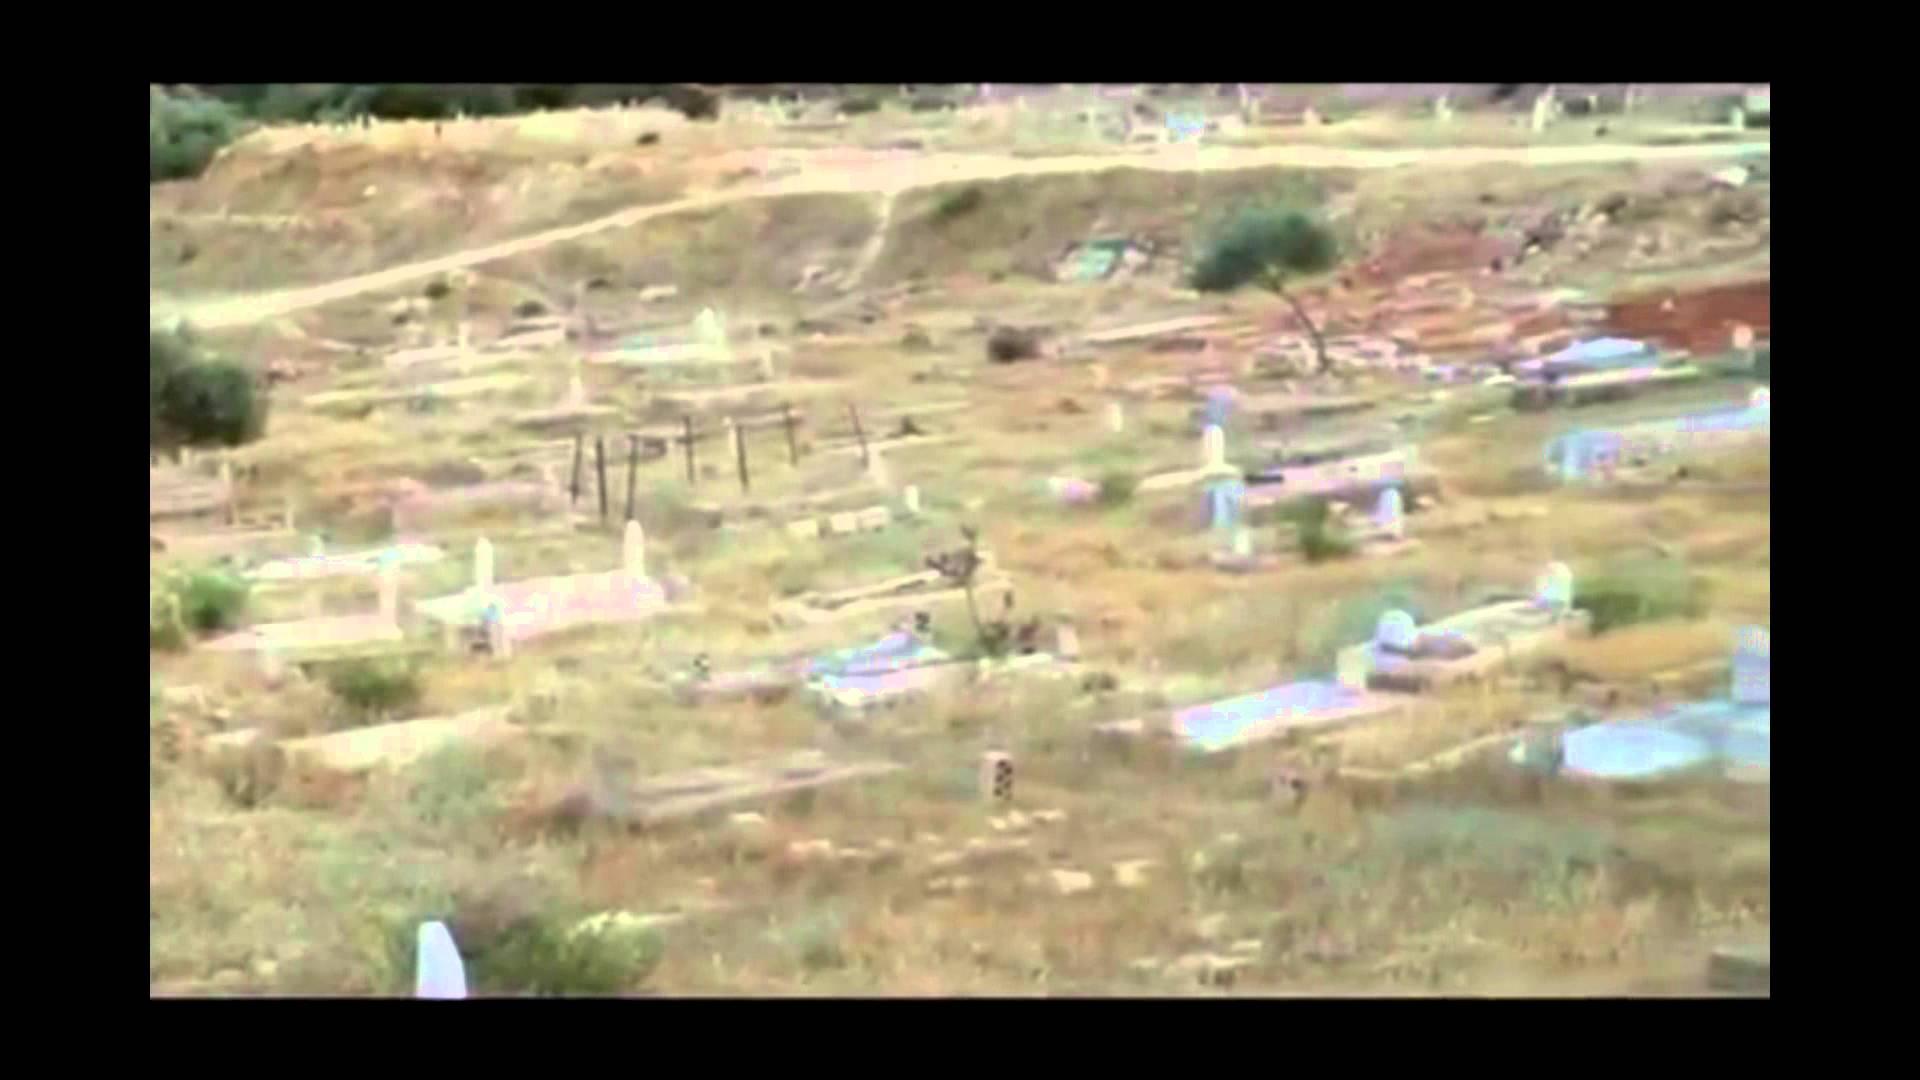 بالصور دعاء الميت , افضل الدعاء للمتوفى 6255 11